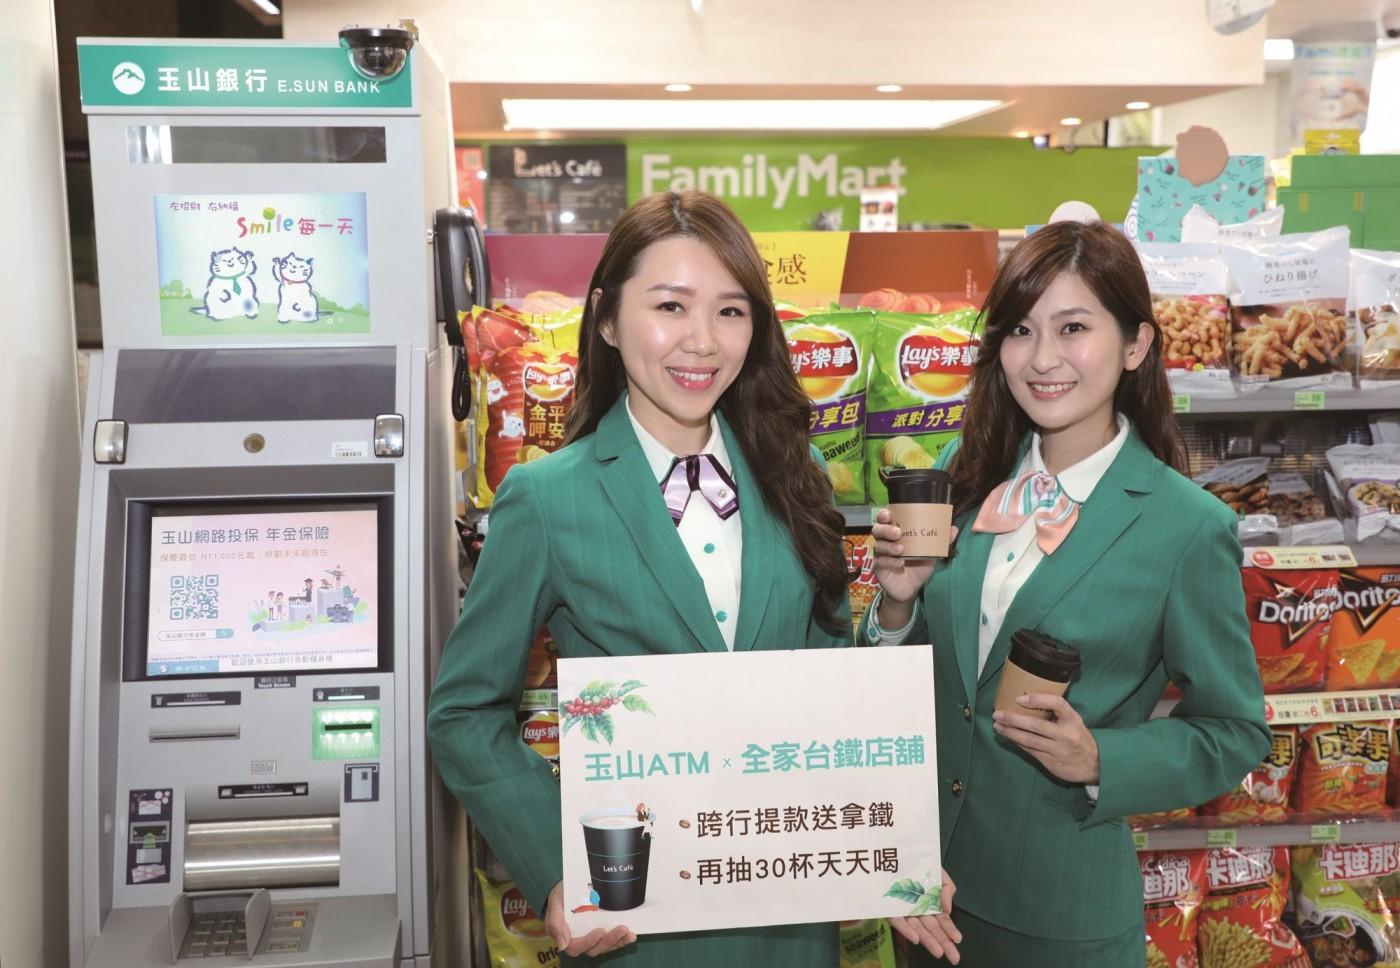 金融業獨家 玉山ATM進駐全家便利商店台鐵店舖